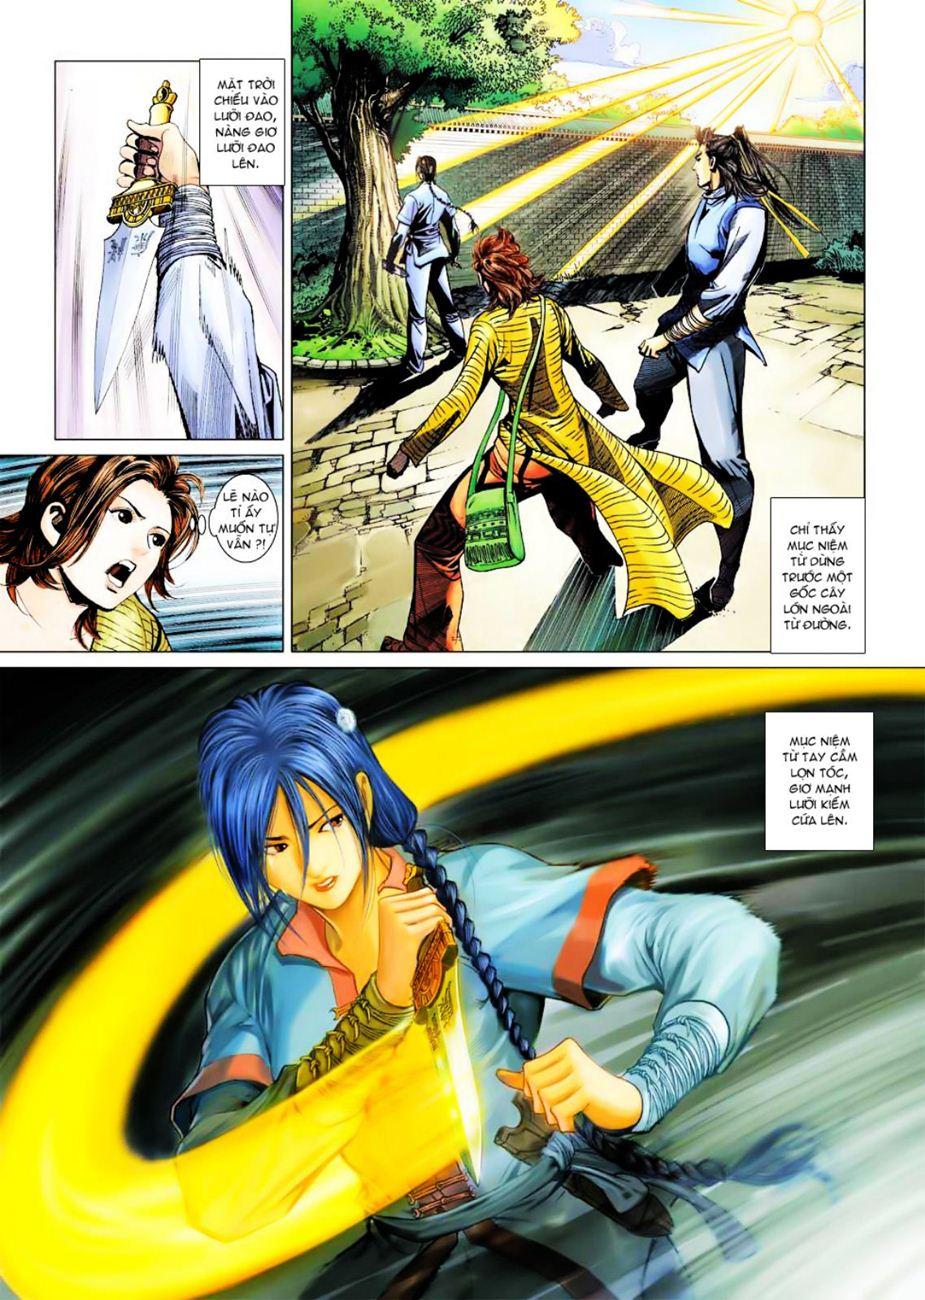 Anh Hùng Xạ Điêu anh hùng xạ đêu chap 39 trang 8